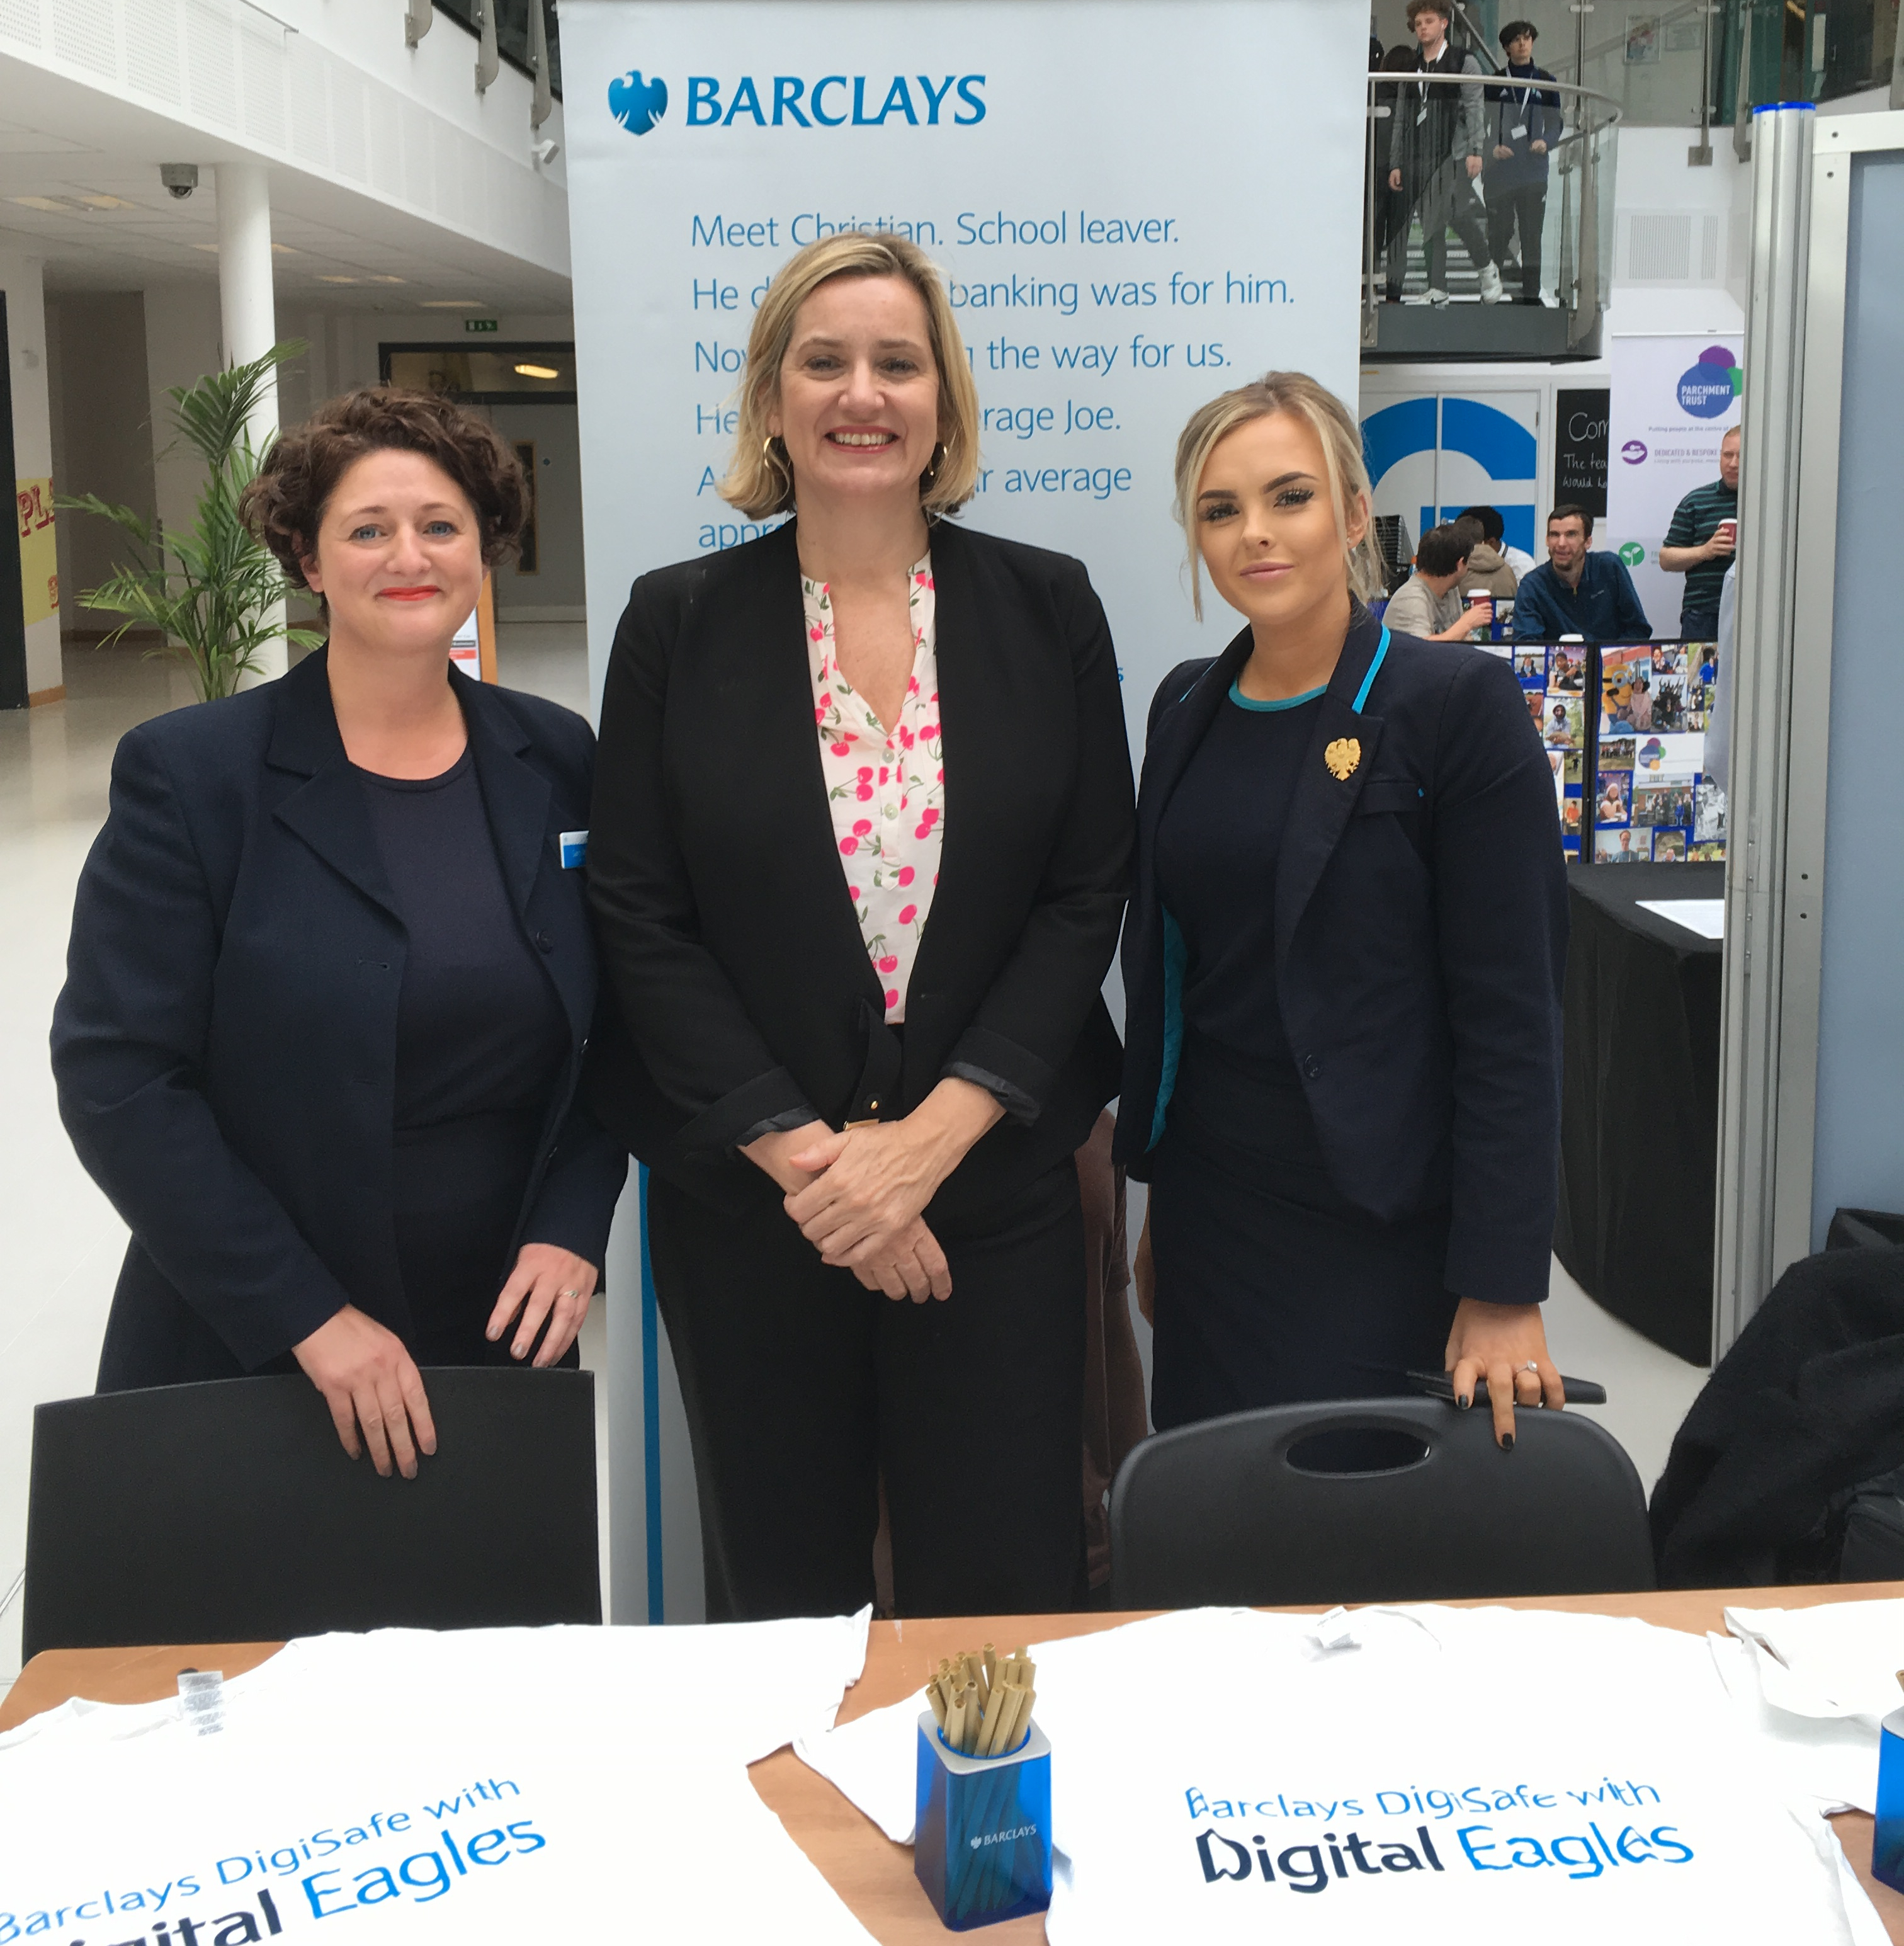 Jobs Fair with Barclays